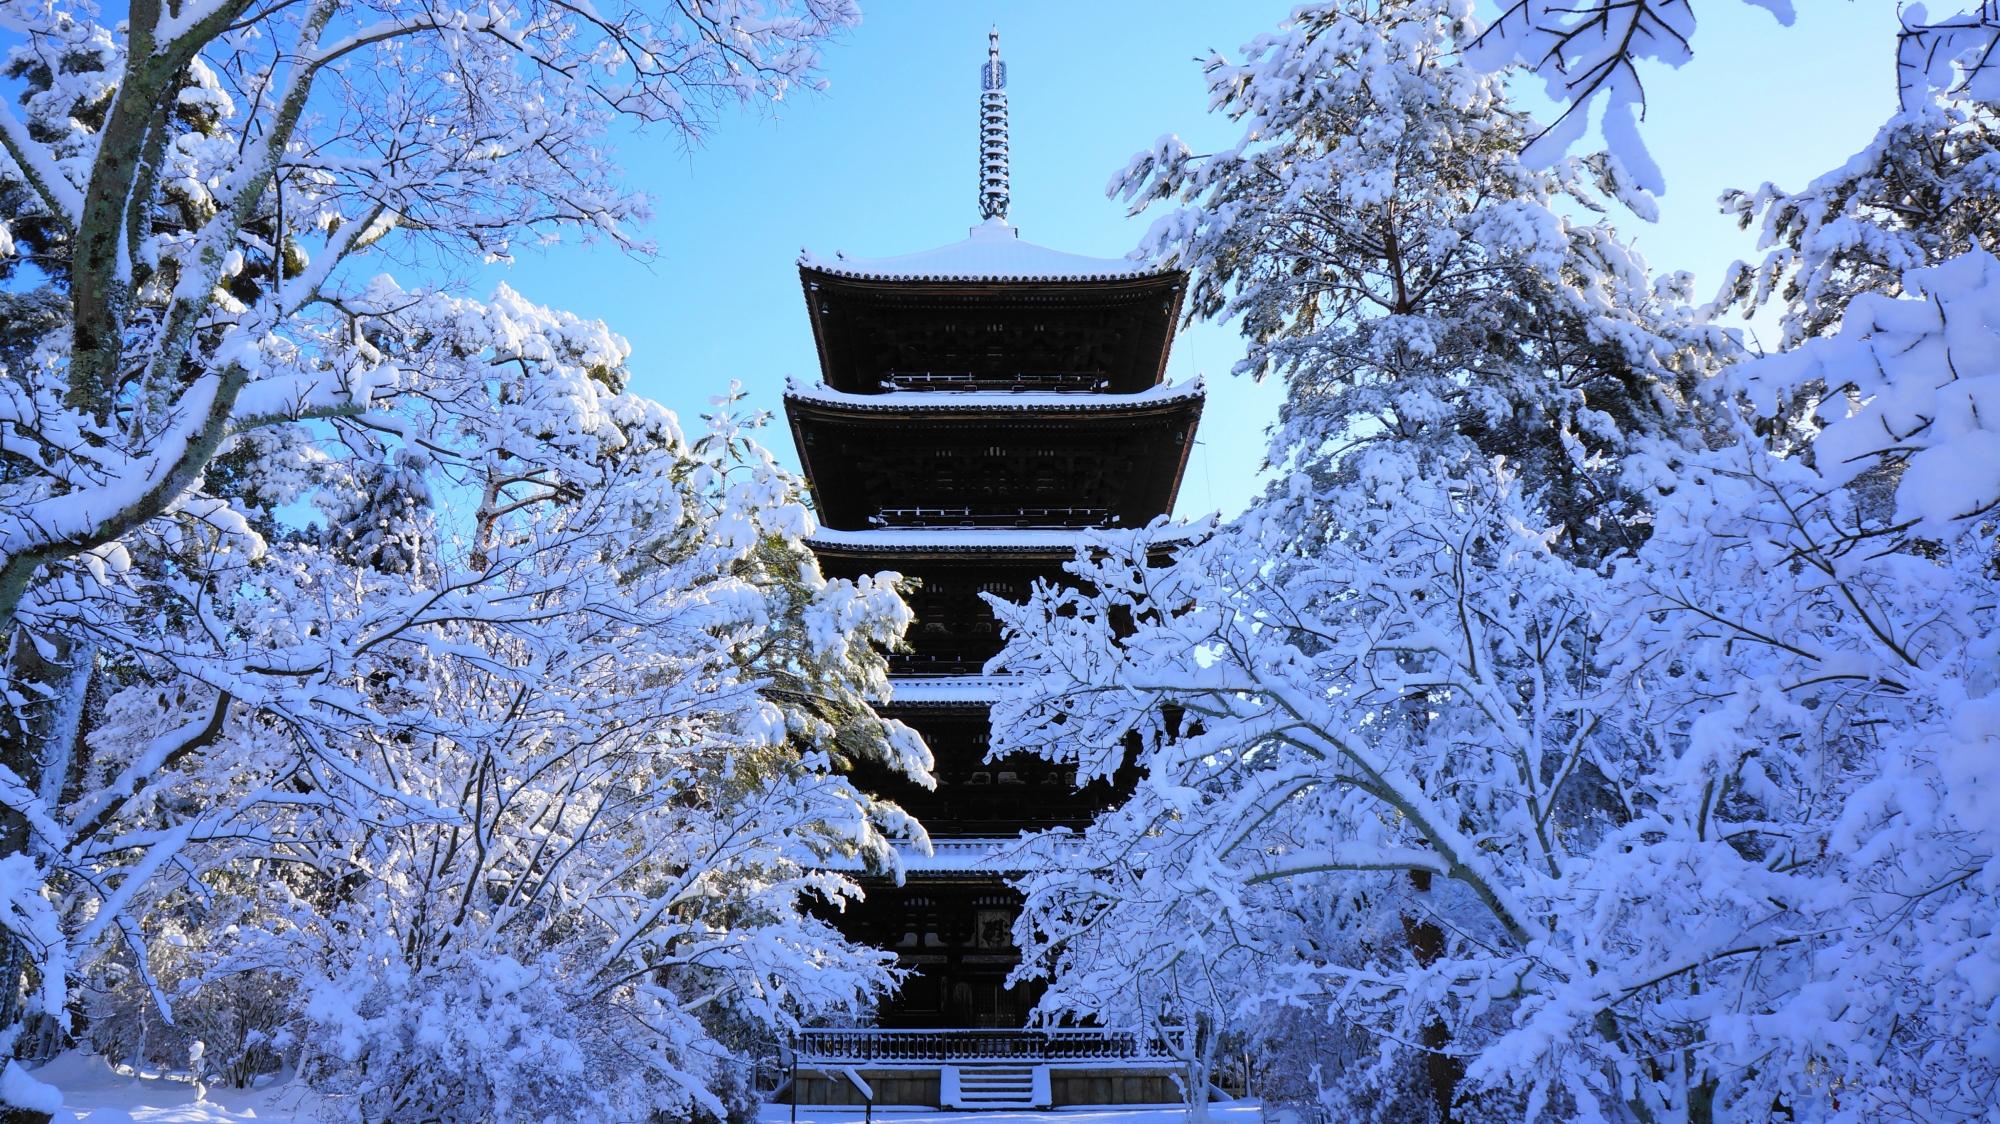 仁和寺の五重塔の雪景色